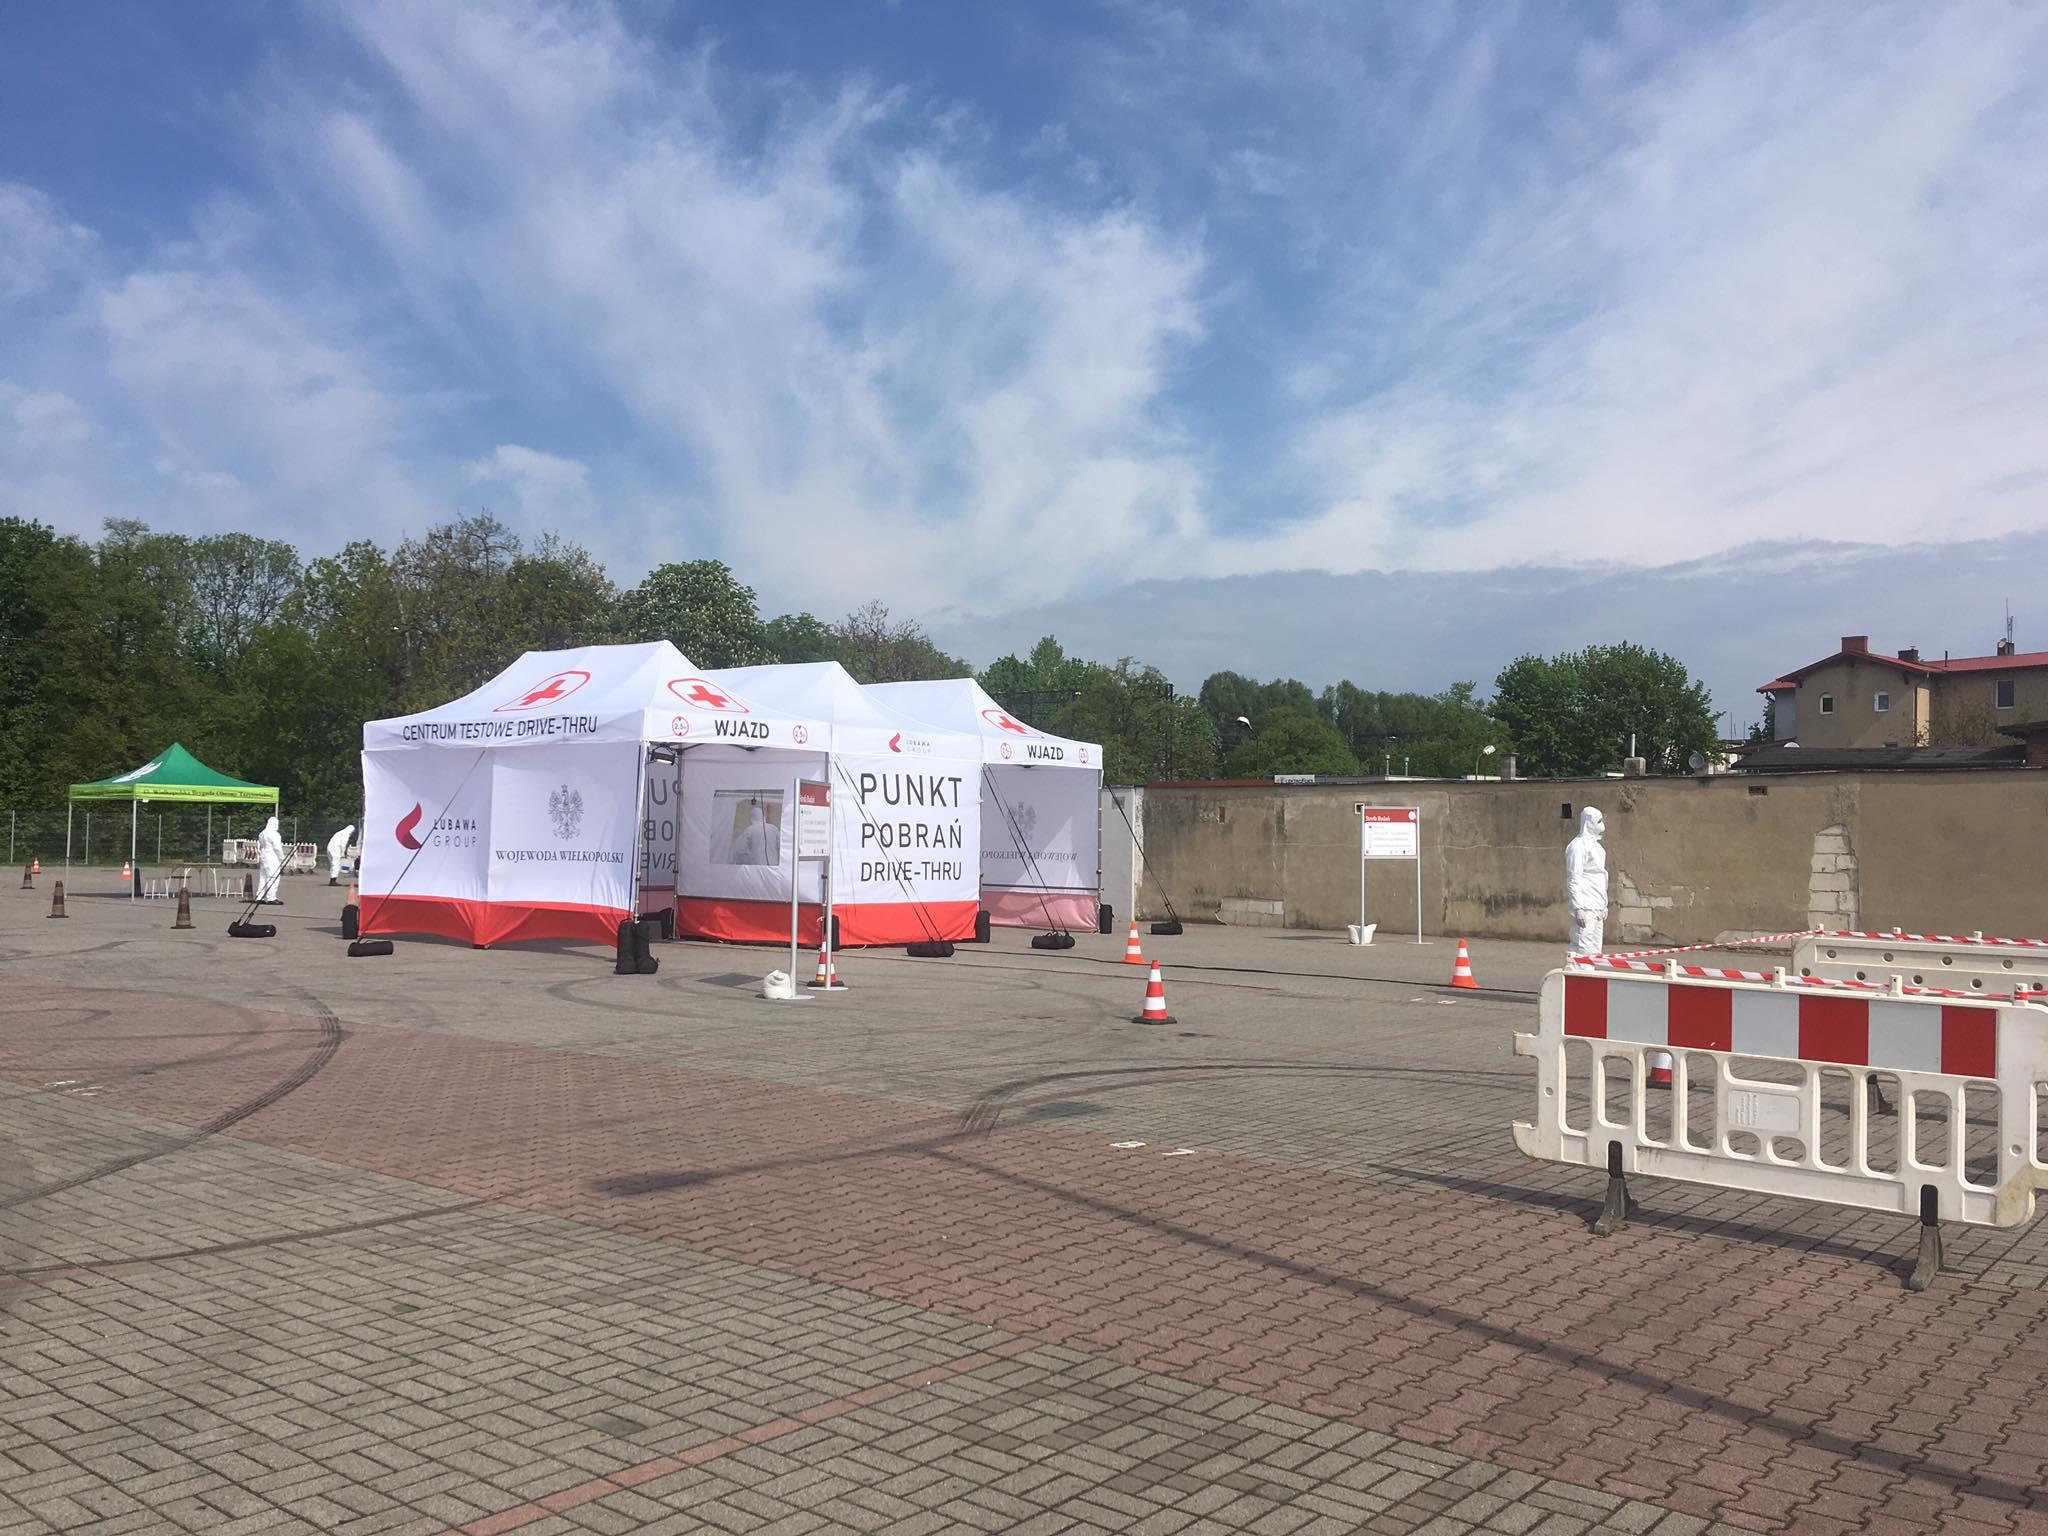 centrum testowania drive thru krotoszyn - Danuta Synkiewicz